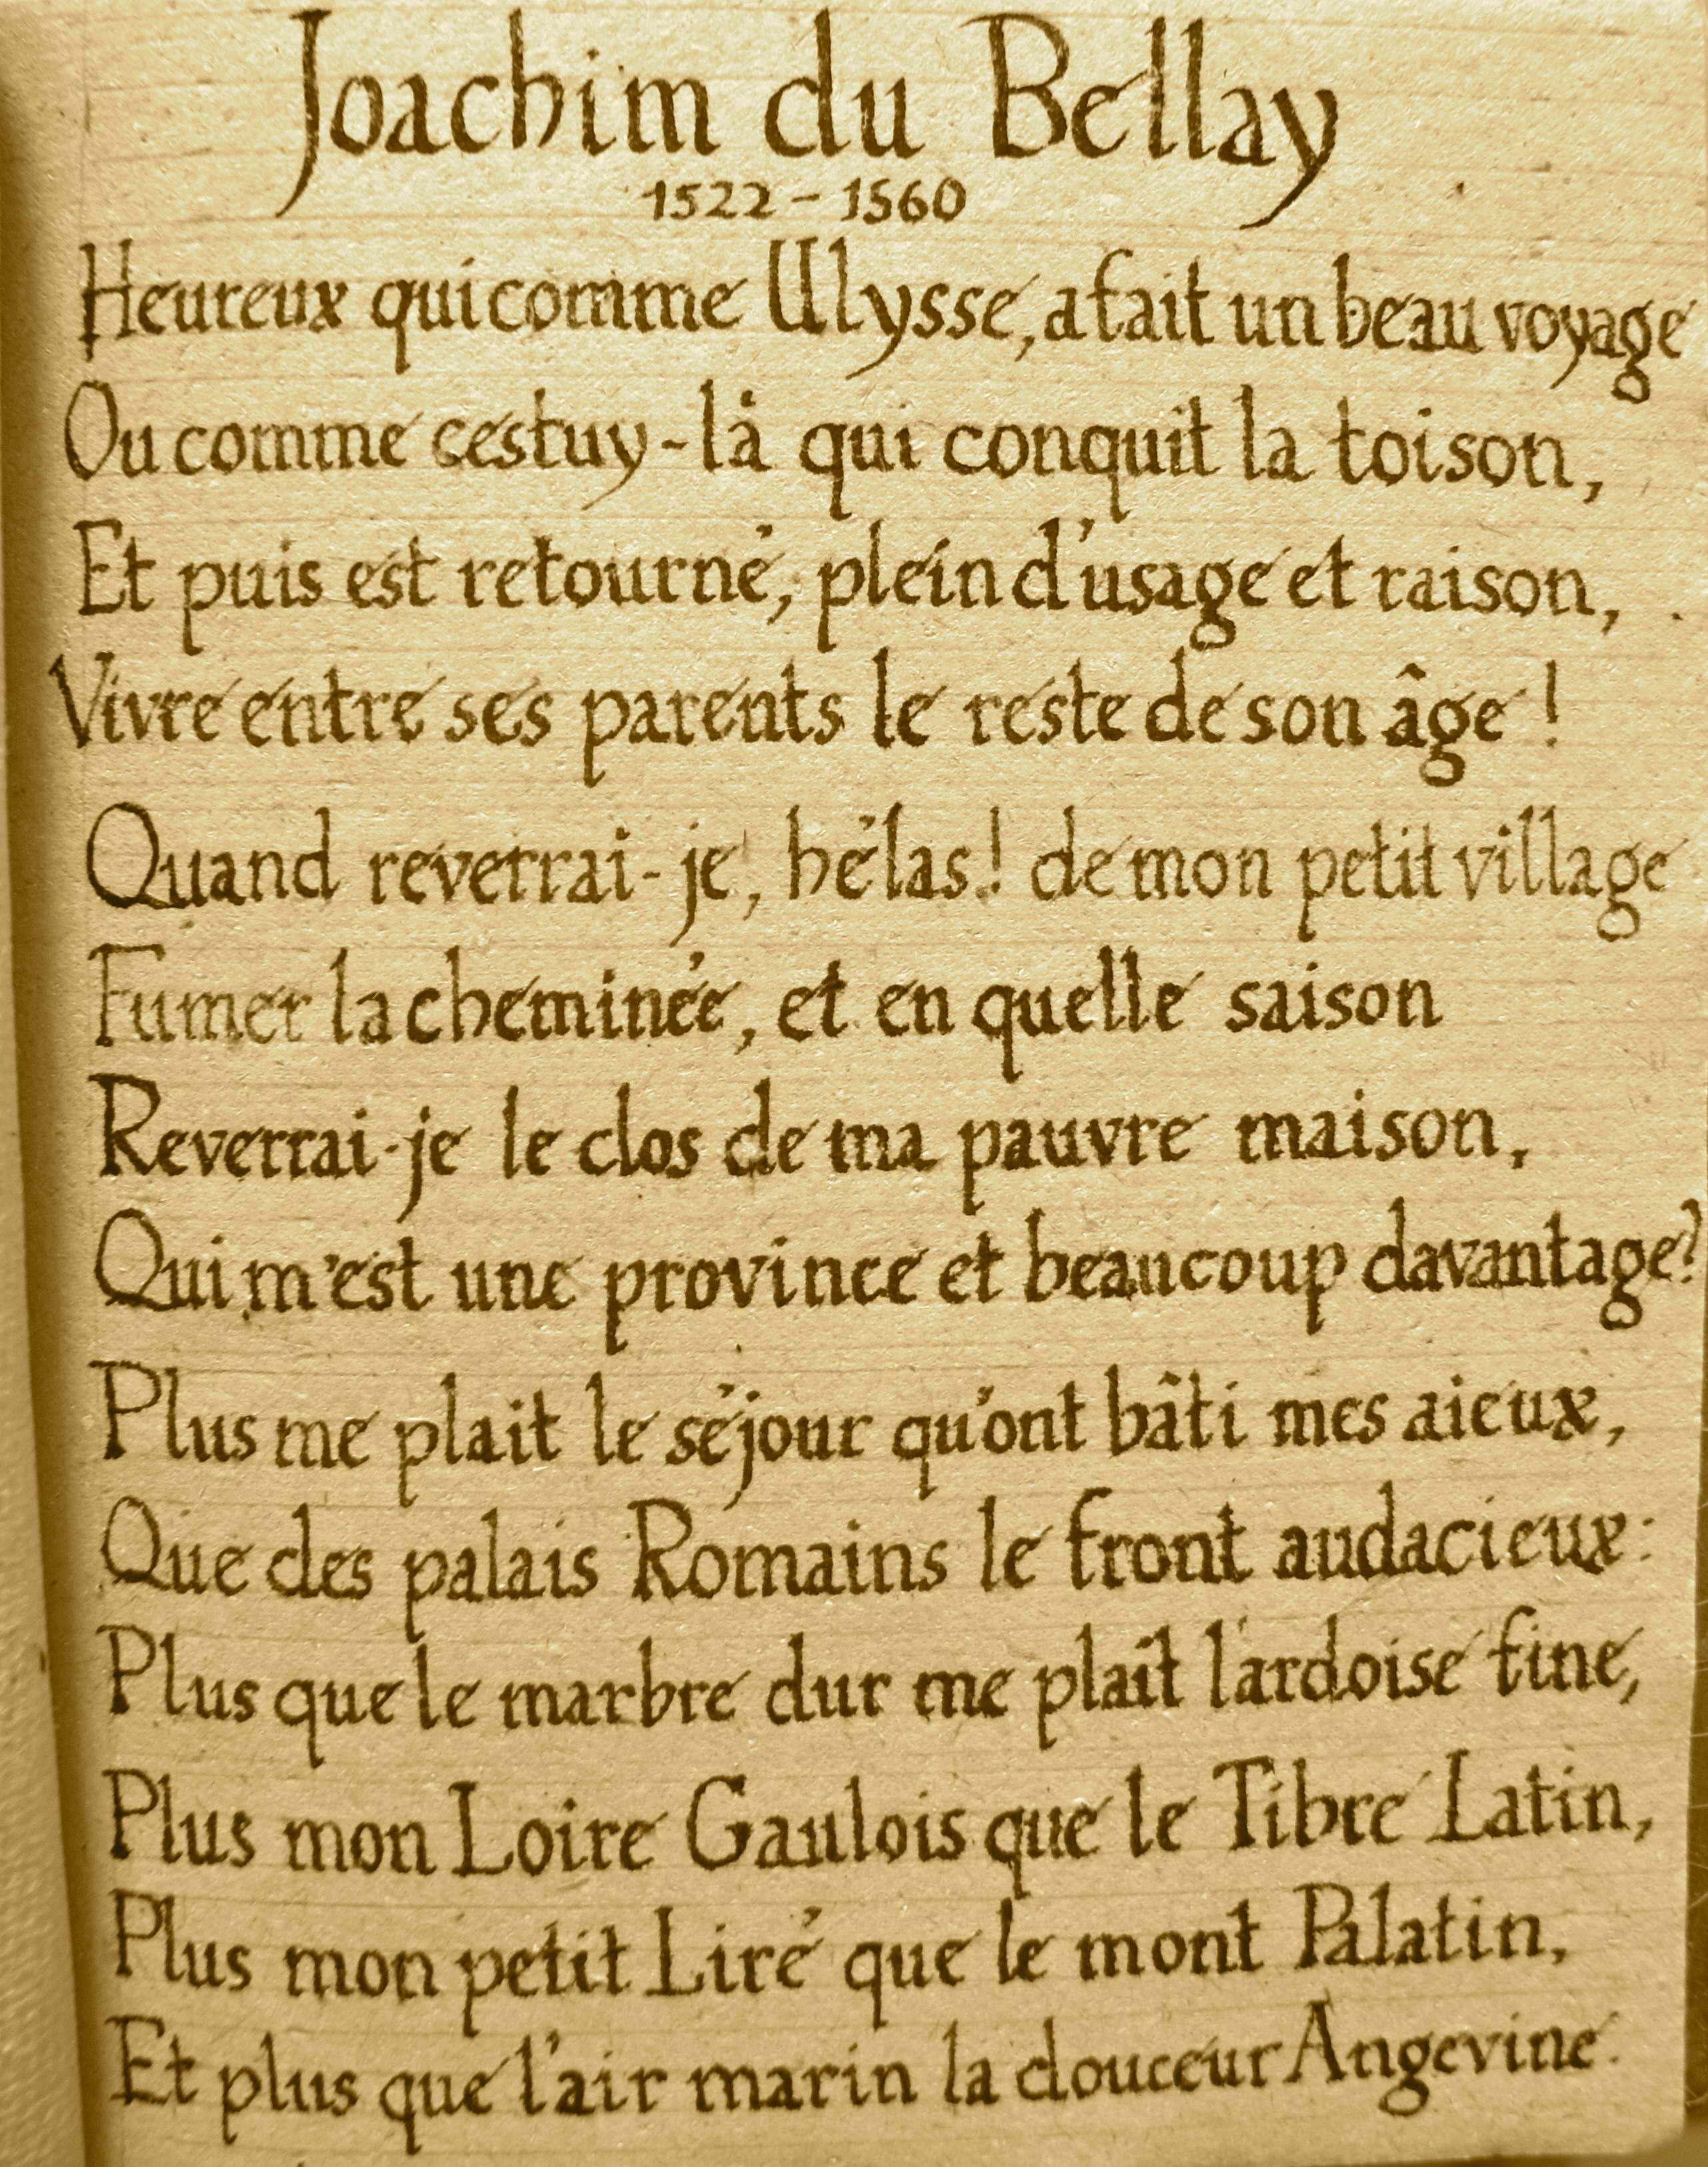 Heureux Qui Comme Ulysse Texte : heureux, comme, ulysse, texte, Épinglé, Blueberryhill, Words, Poeme, Citation,, Poeme,, Arabe